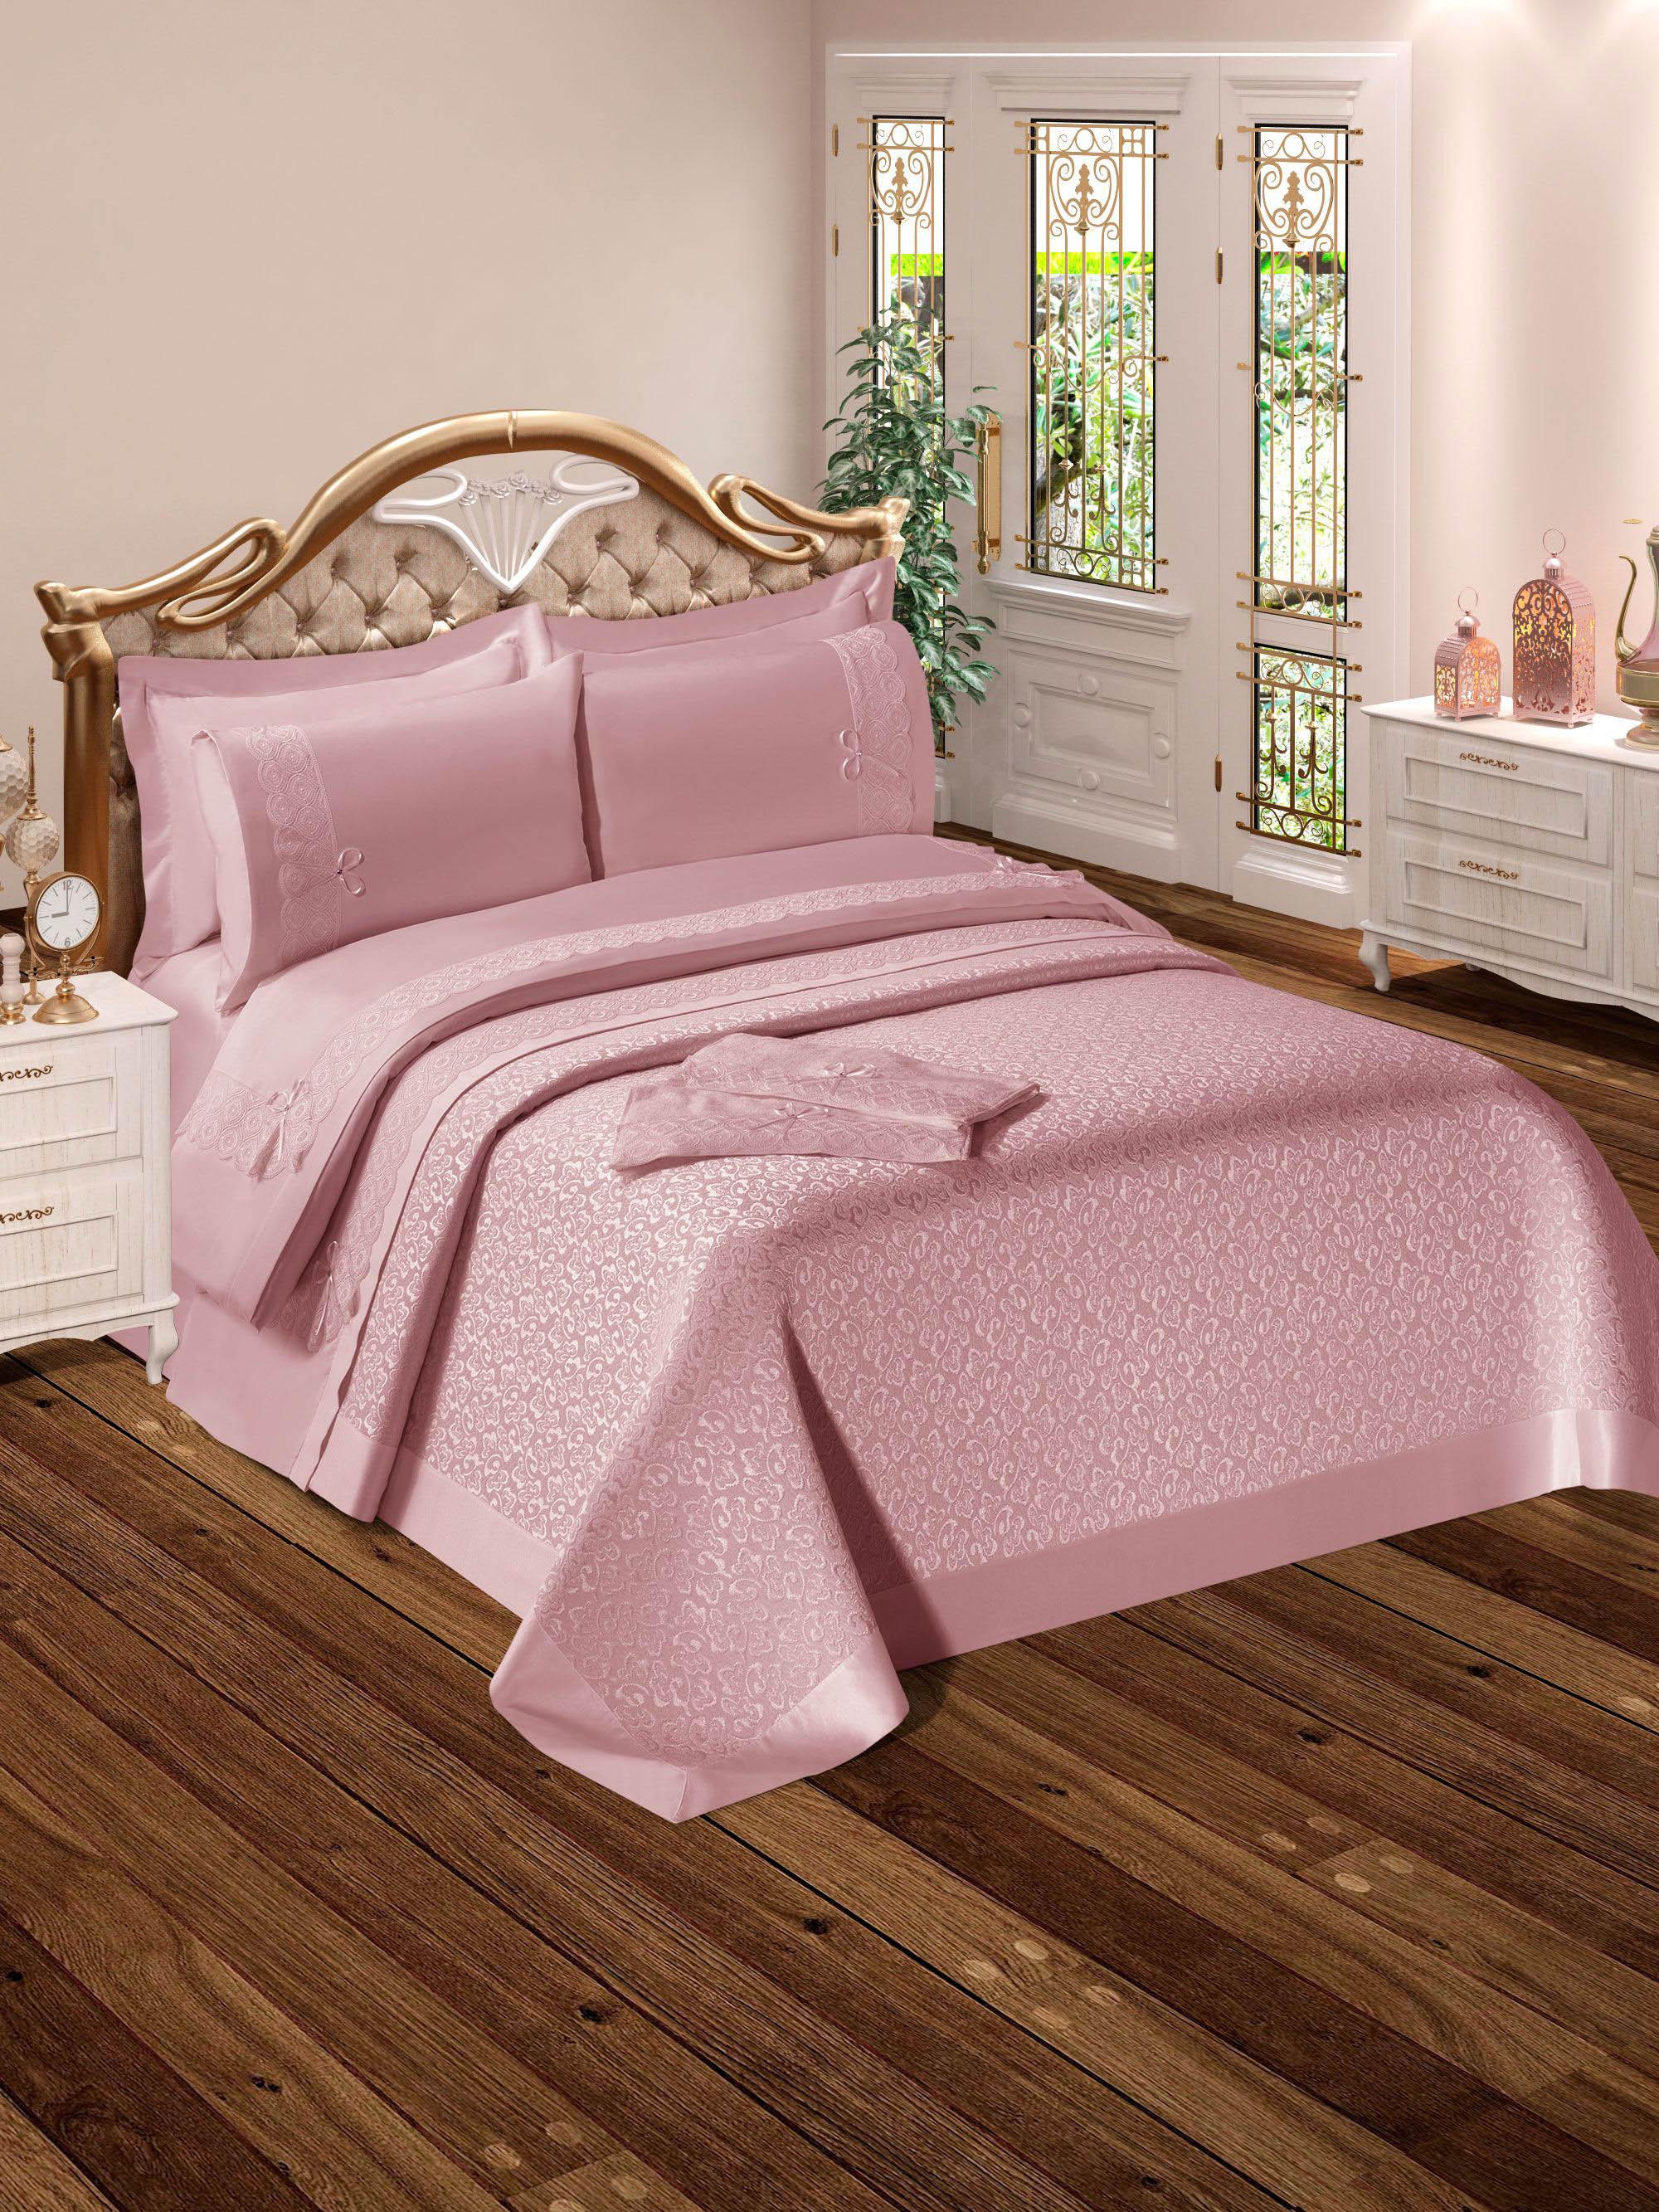 Купить Комплекты постельного белья DO'n'CO, Постельное белье Yagmur Цвет: Пудра (2 сп. евро), Турция, Розовый, Хлопковый сатин